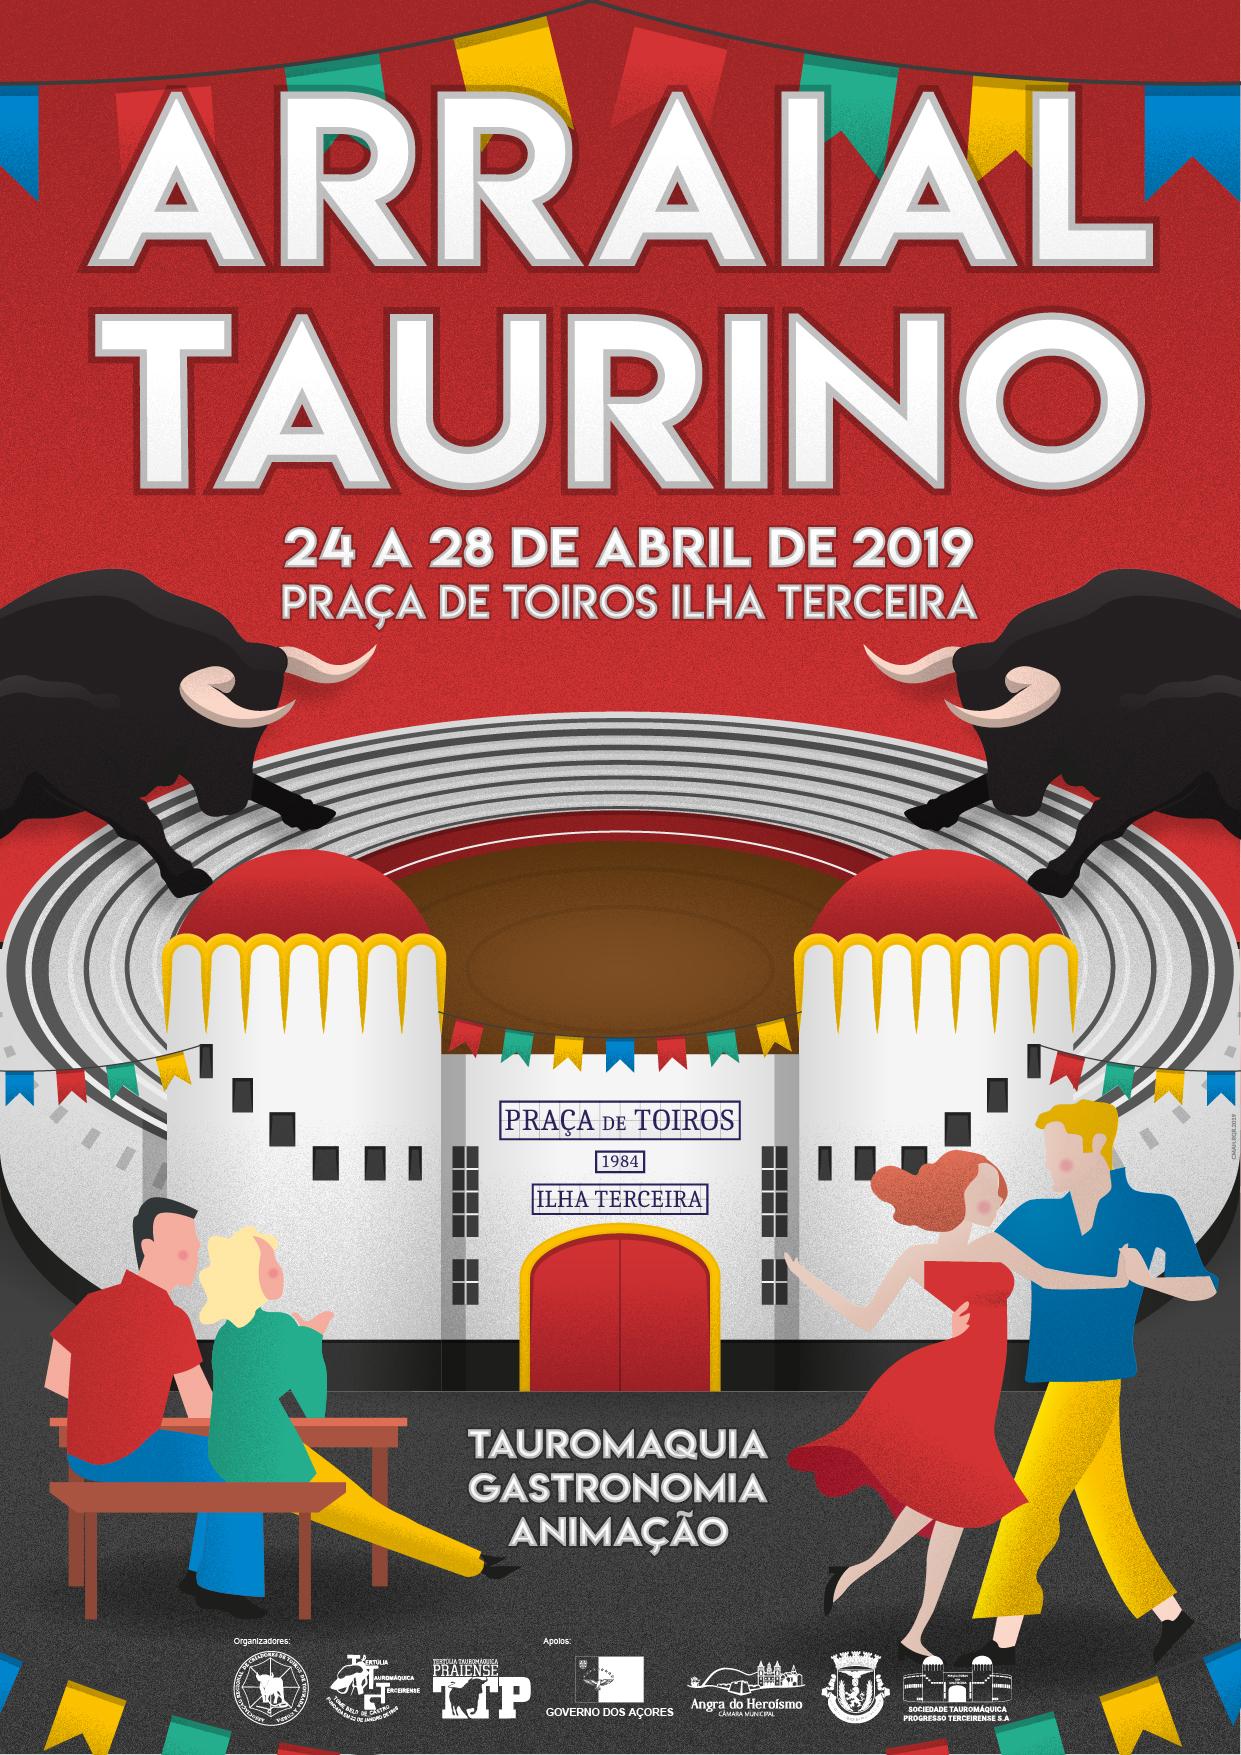 Cartaz Arraial Taurino